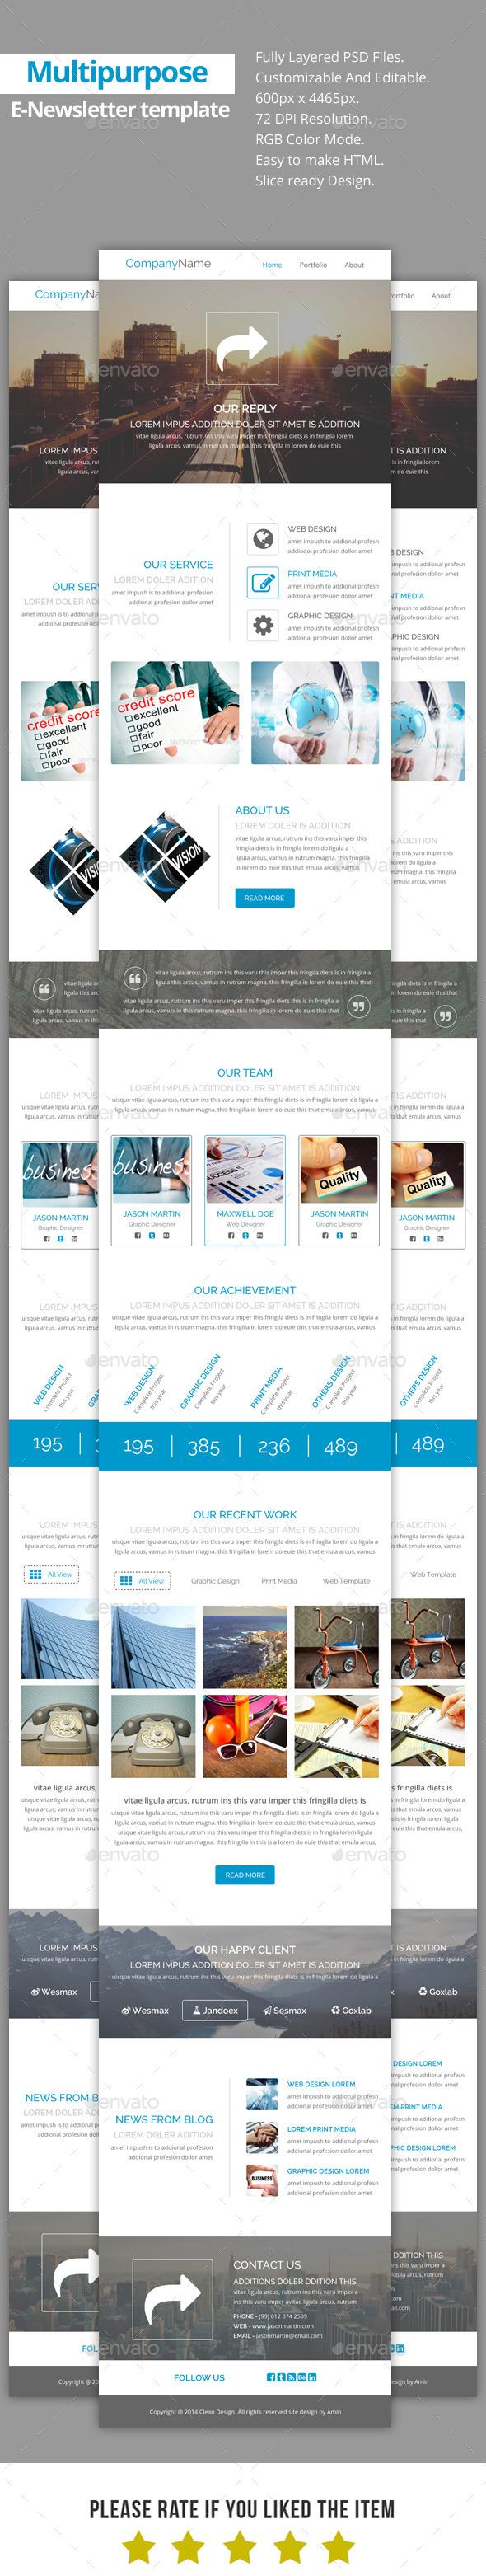 GraphicRiver Reply-Multipurpose E-Newsletter Template 9170246